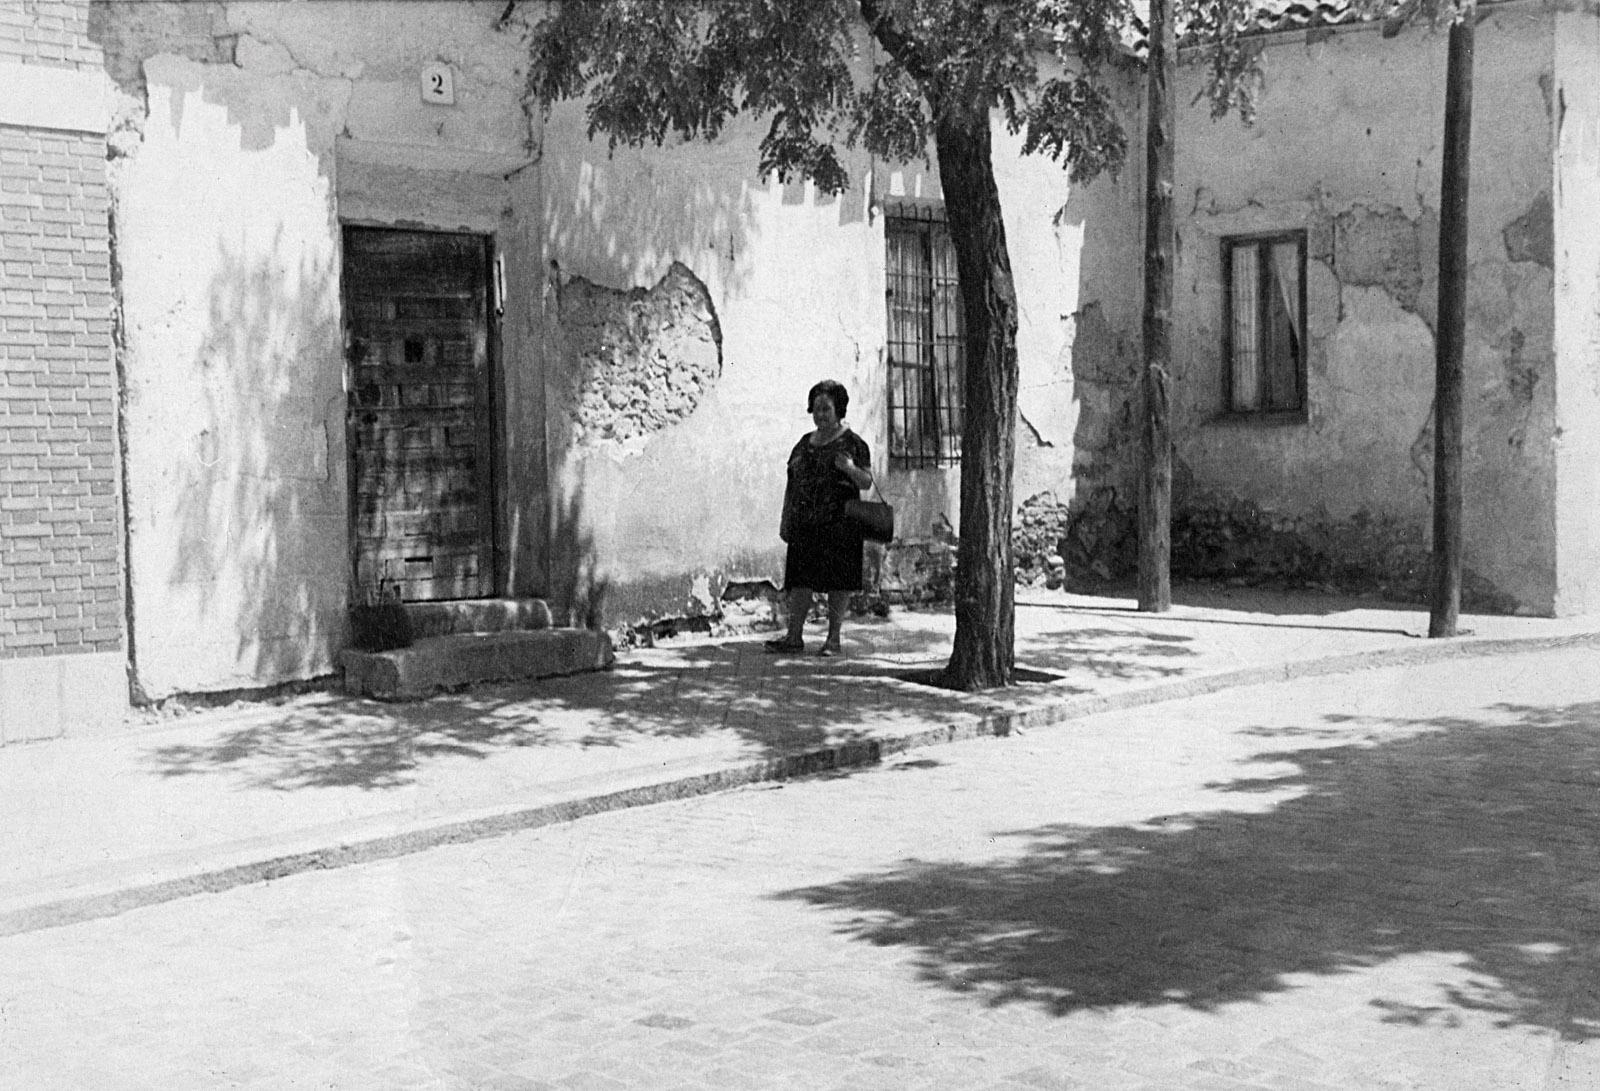 Casa de Consuelo Freixa, la practicanta, en la plaza del pueblo de Canillejas.